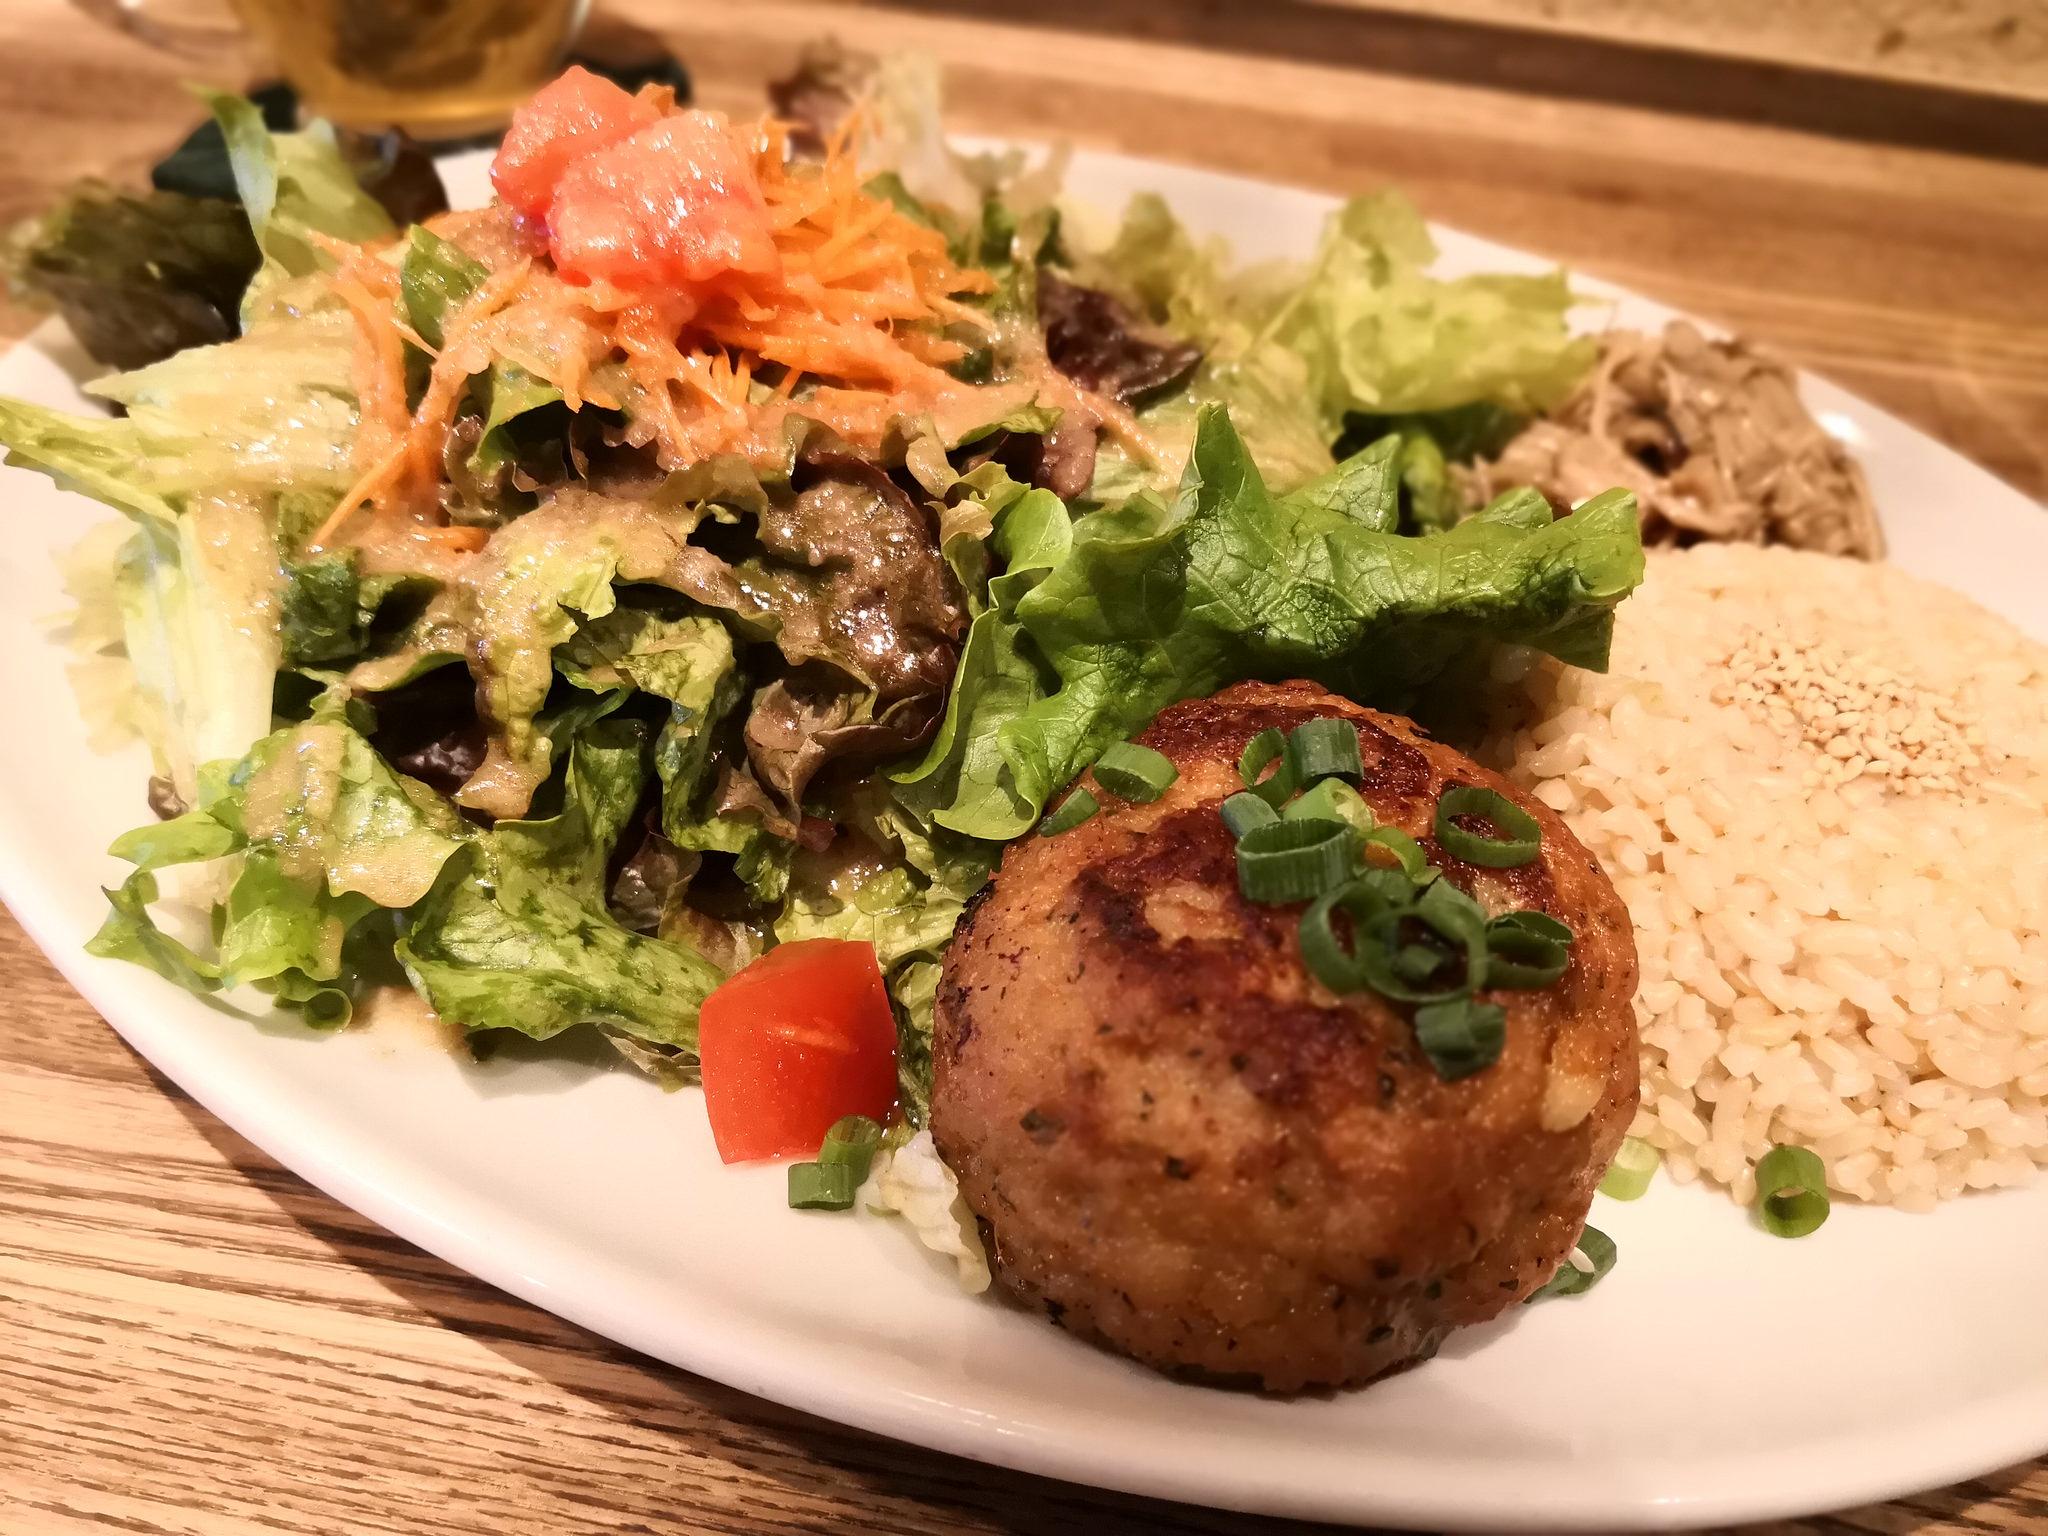 【五反田】フォレスト (Forest)@野菜たっぷりオーガニックランチ。ドリンクはハーブティがオススメ。